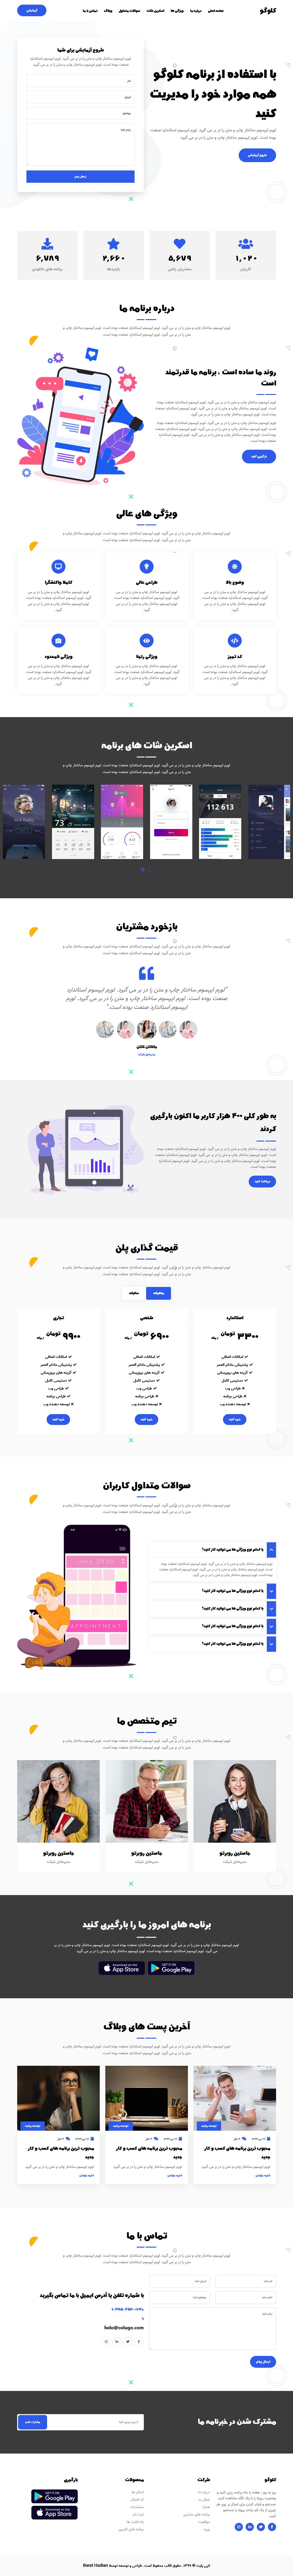 صفحات قالب HTML فرود نرم افزار و برنامه موبایل کلوگو